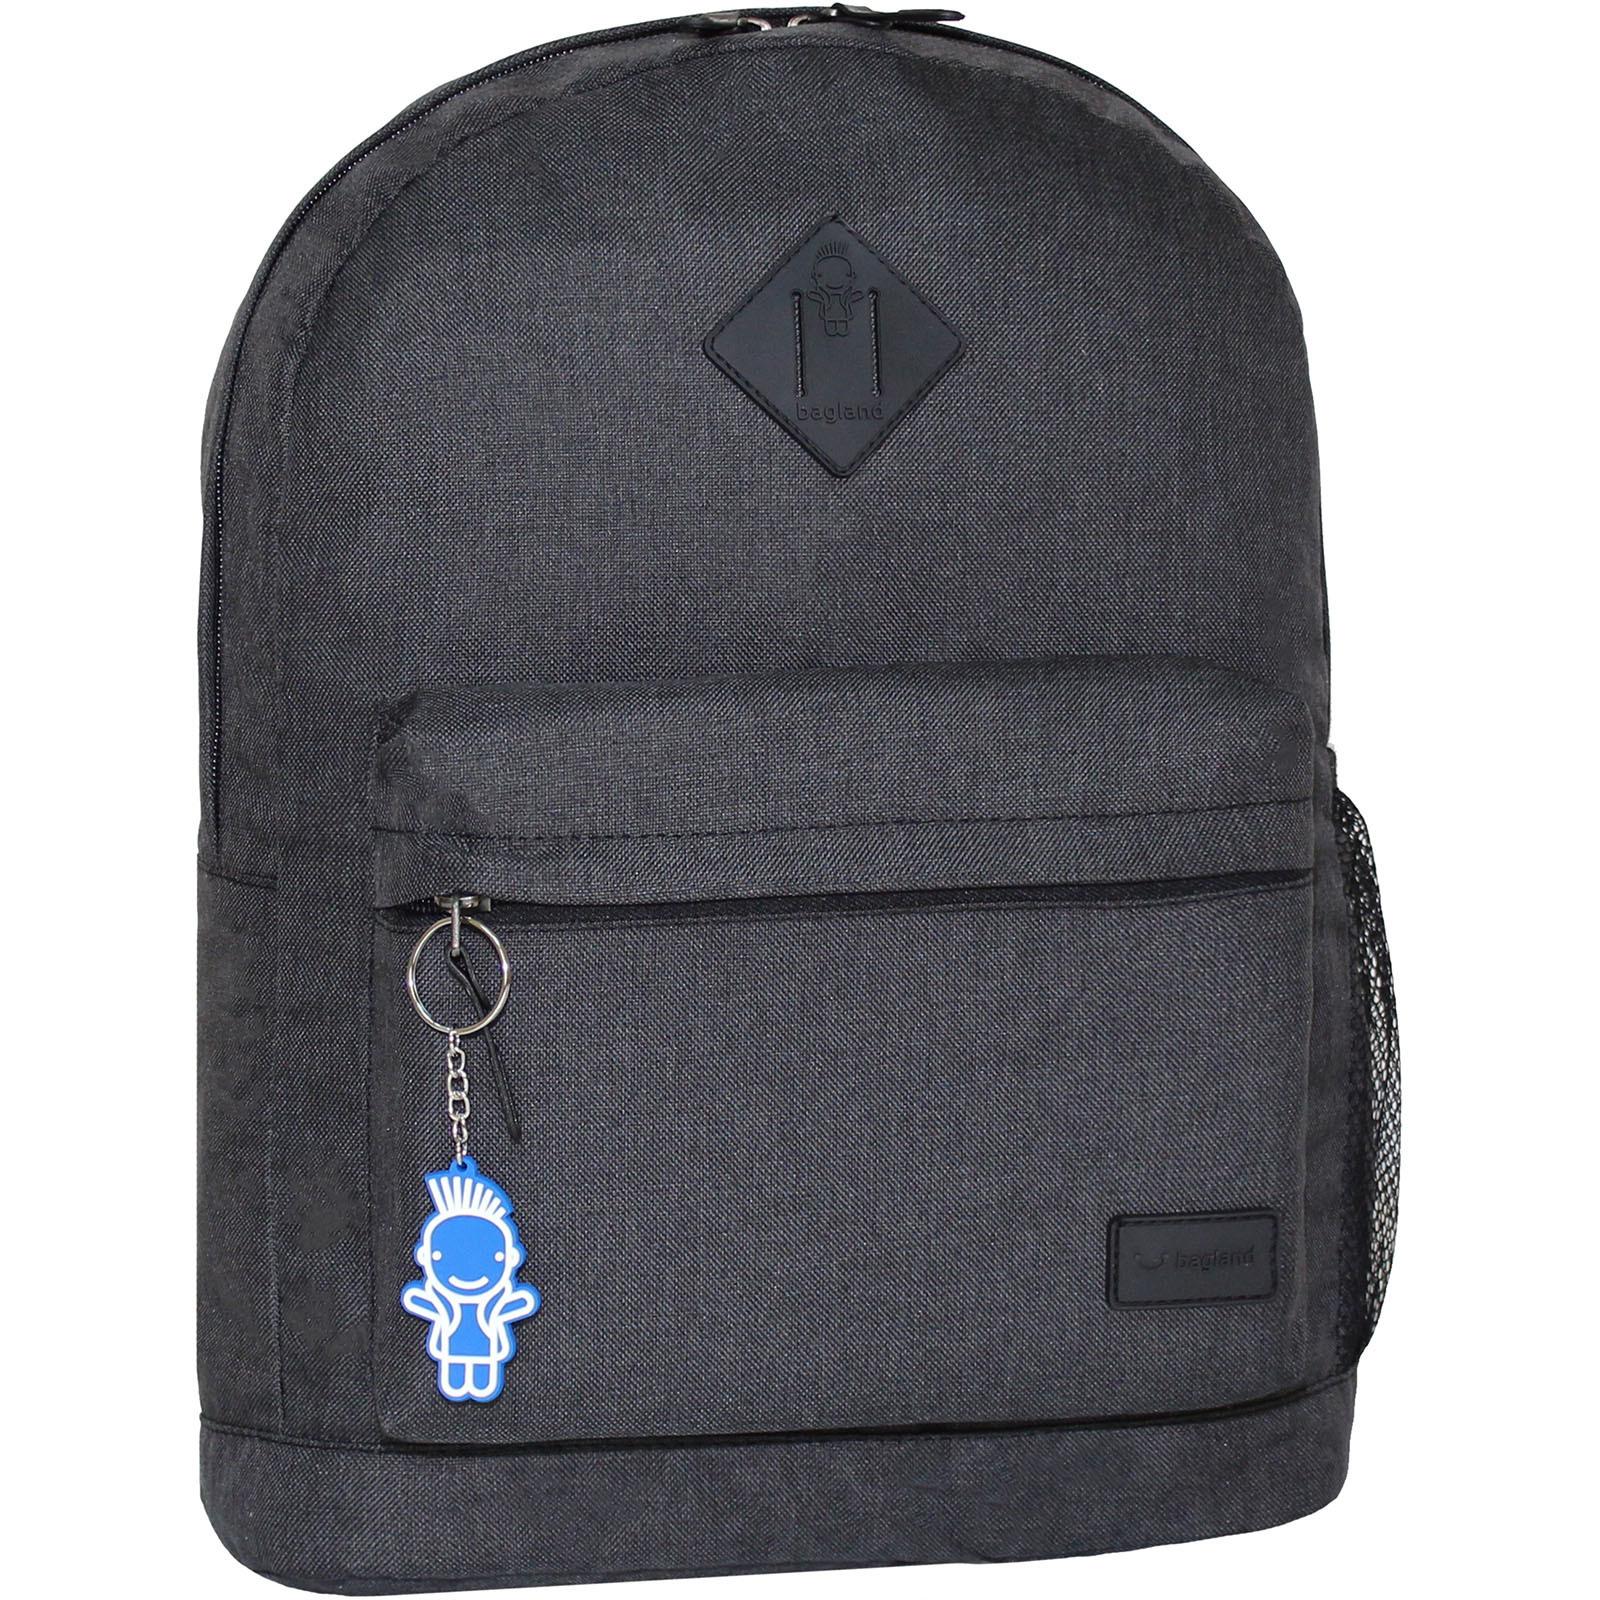 Городские рюкзаки Рюкзак Bagland Молодежный меланж 17 л. Чёрный (00533692) IMG_8784.JPG